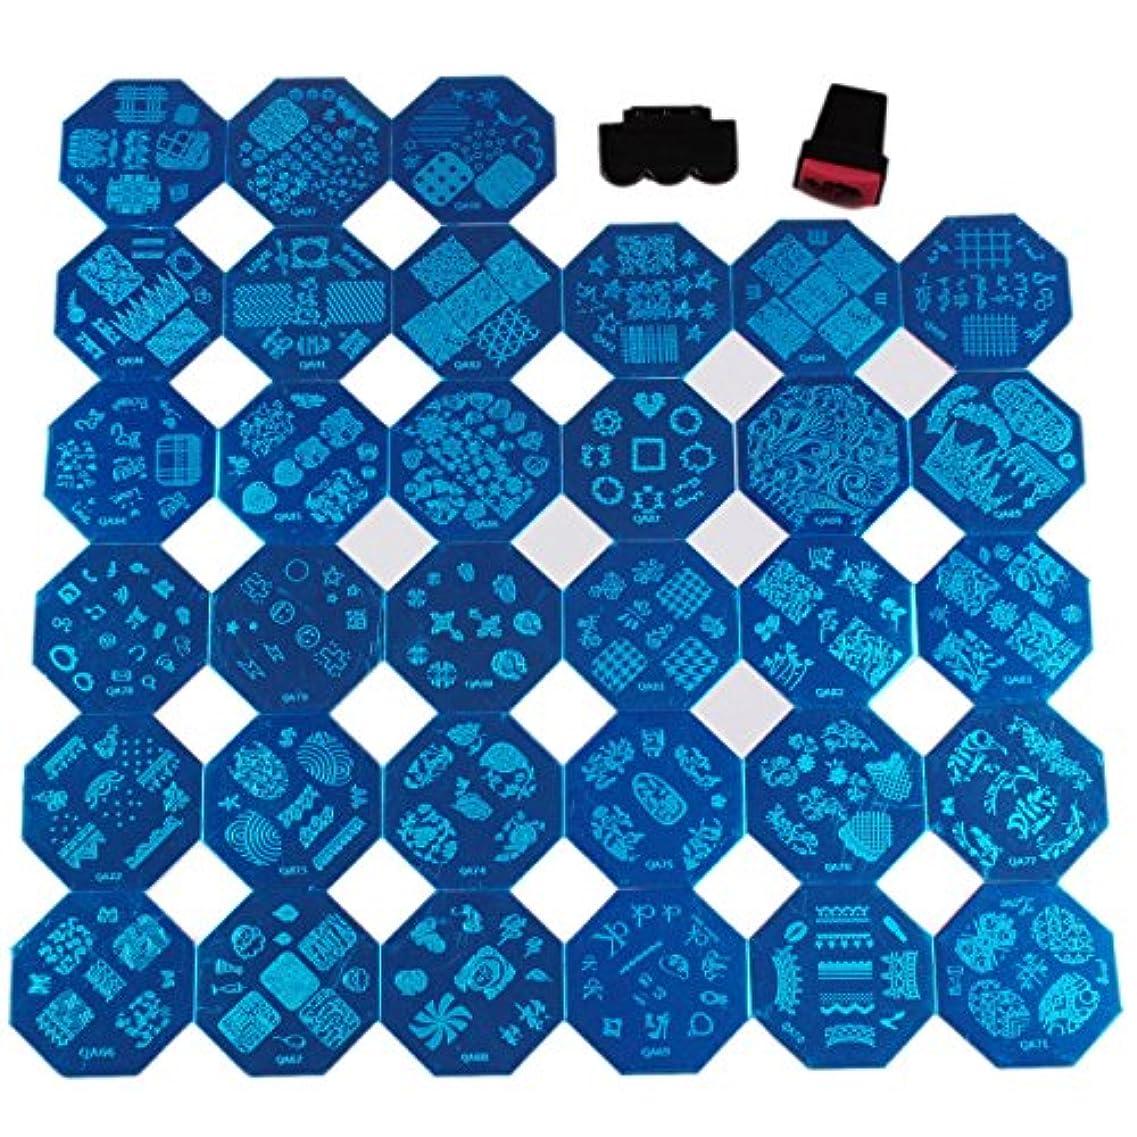 犠牲以上軽蔑するFingerAngel ネイルイメージプレートセット 八角形ネイルプレート 33枚 スタンプ スクレーパー付き ネイルサロンも自宅も適用なネイルプレート 初心者に簡単に仕上がるネイルアート